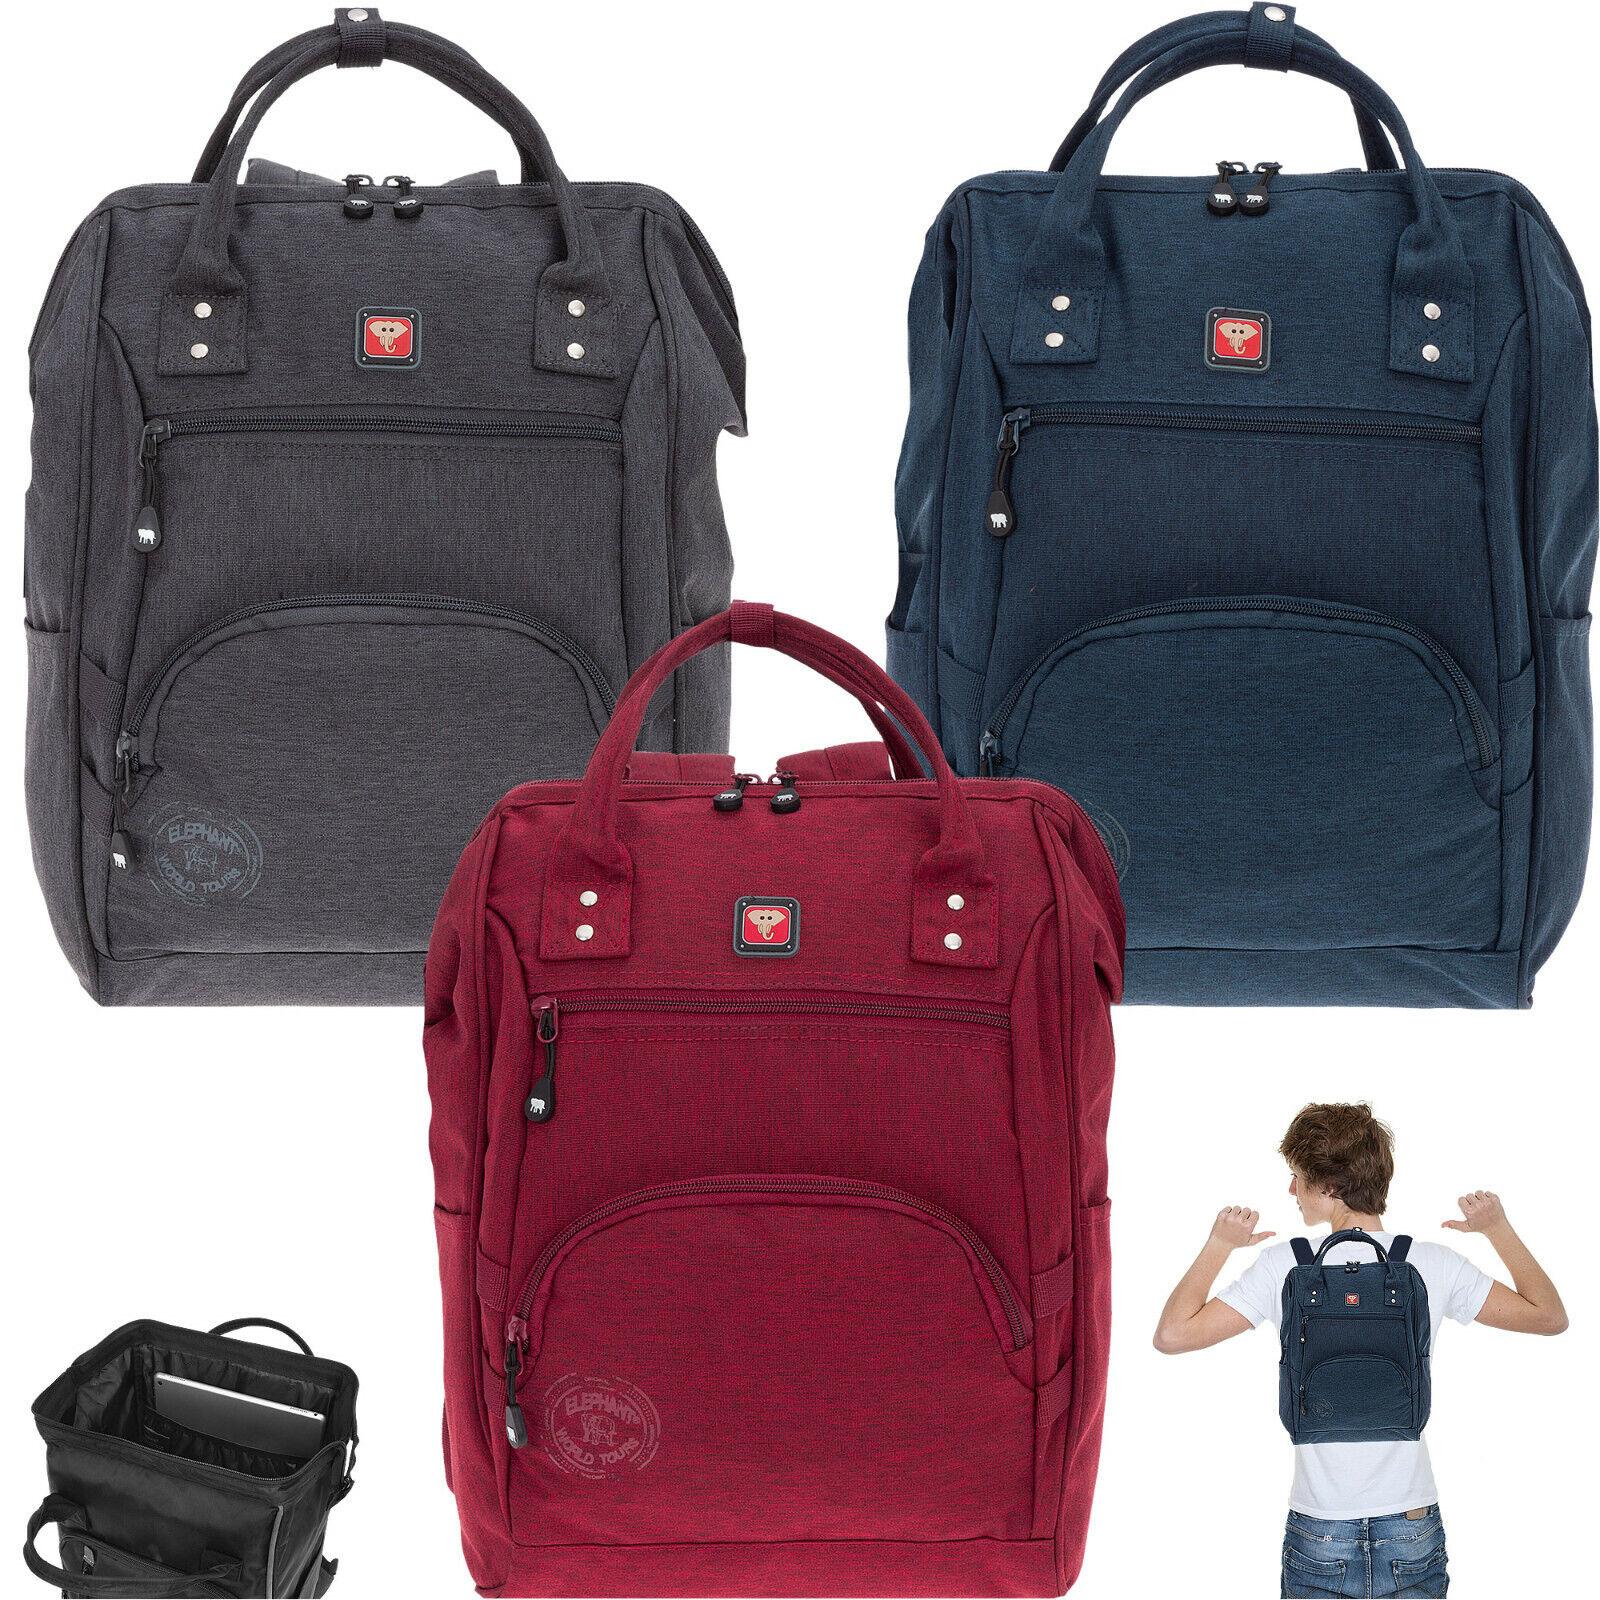 Rucksack Damen Elephant Finn Color Tasche A4 Alltagsrucksack Aktentasche 3913 W